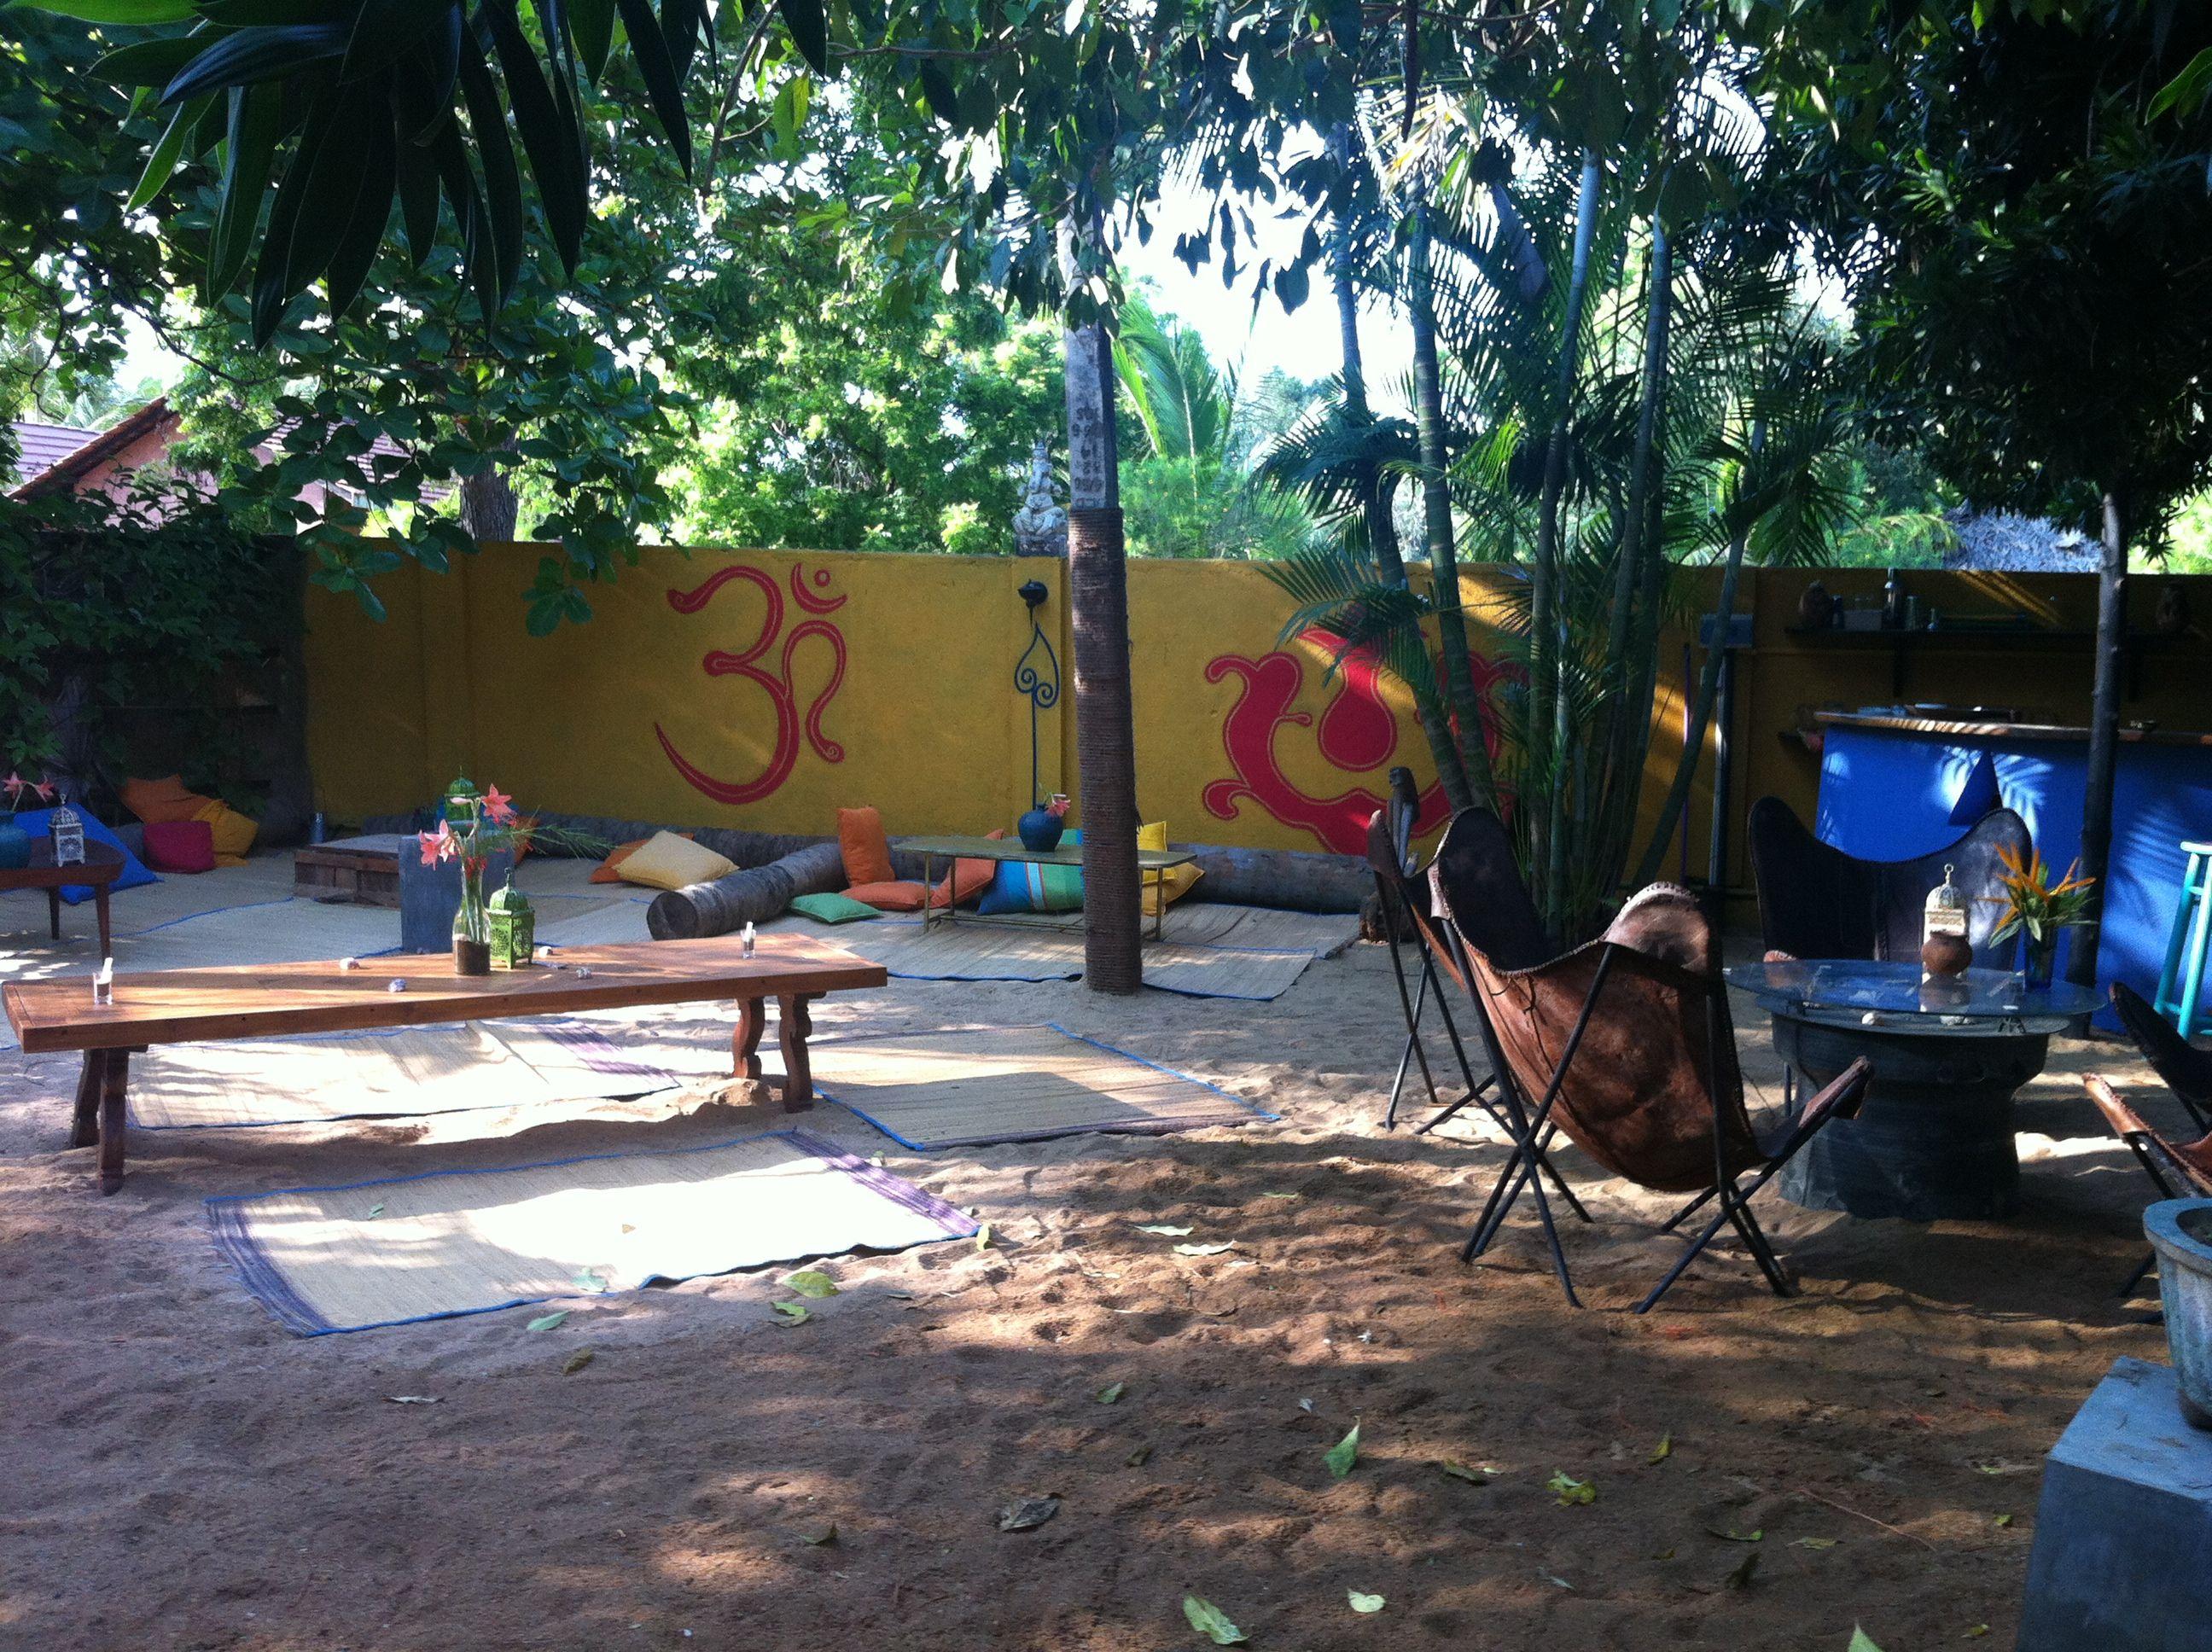 Hideaway heet deze bijzondere accommodatie in Arugam Bay in het Zuid-Oosten van Sri Lanka. Populair bij surfers. Reisspecialist Marleen Cok bezocht deze accommodatie.